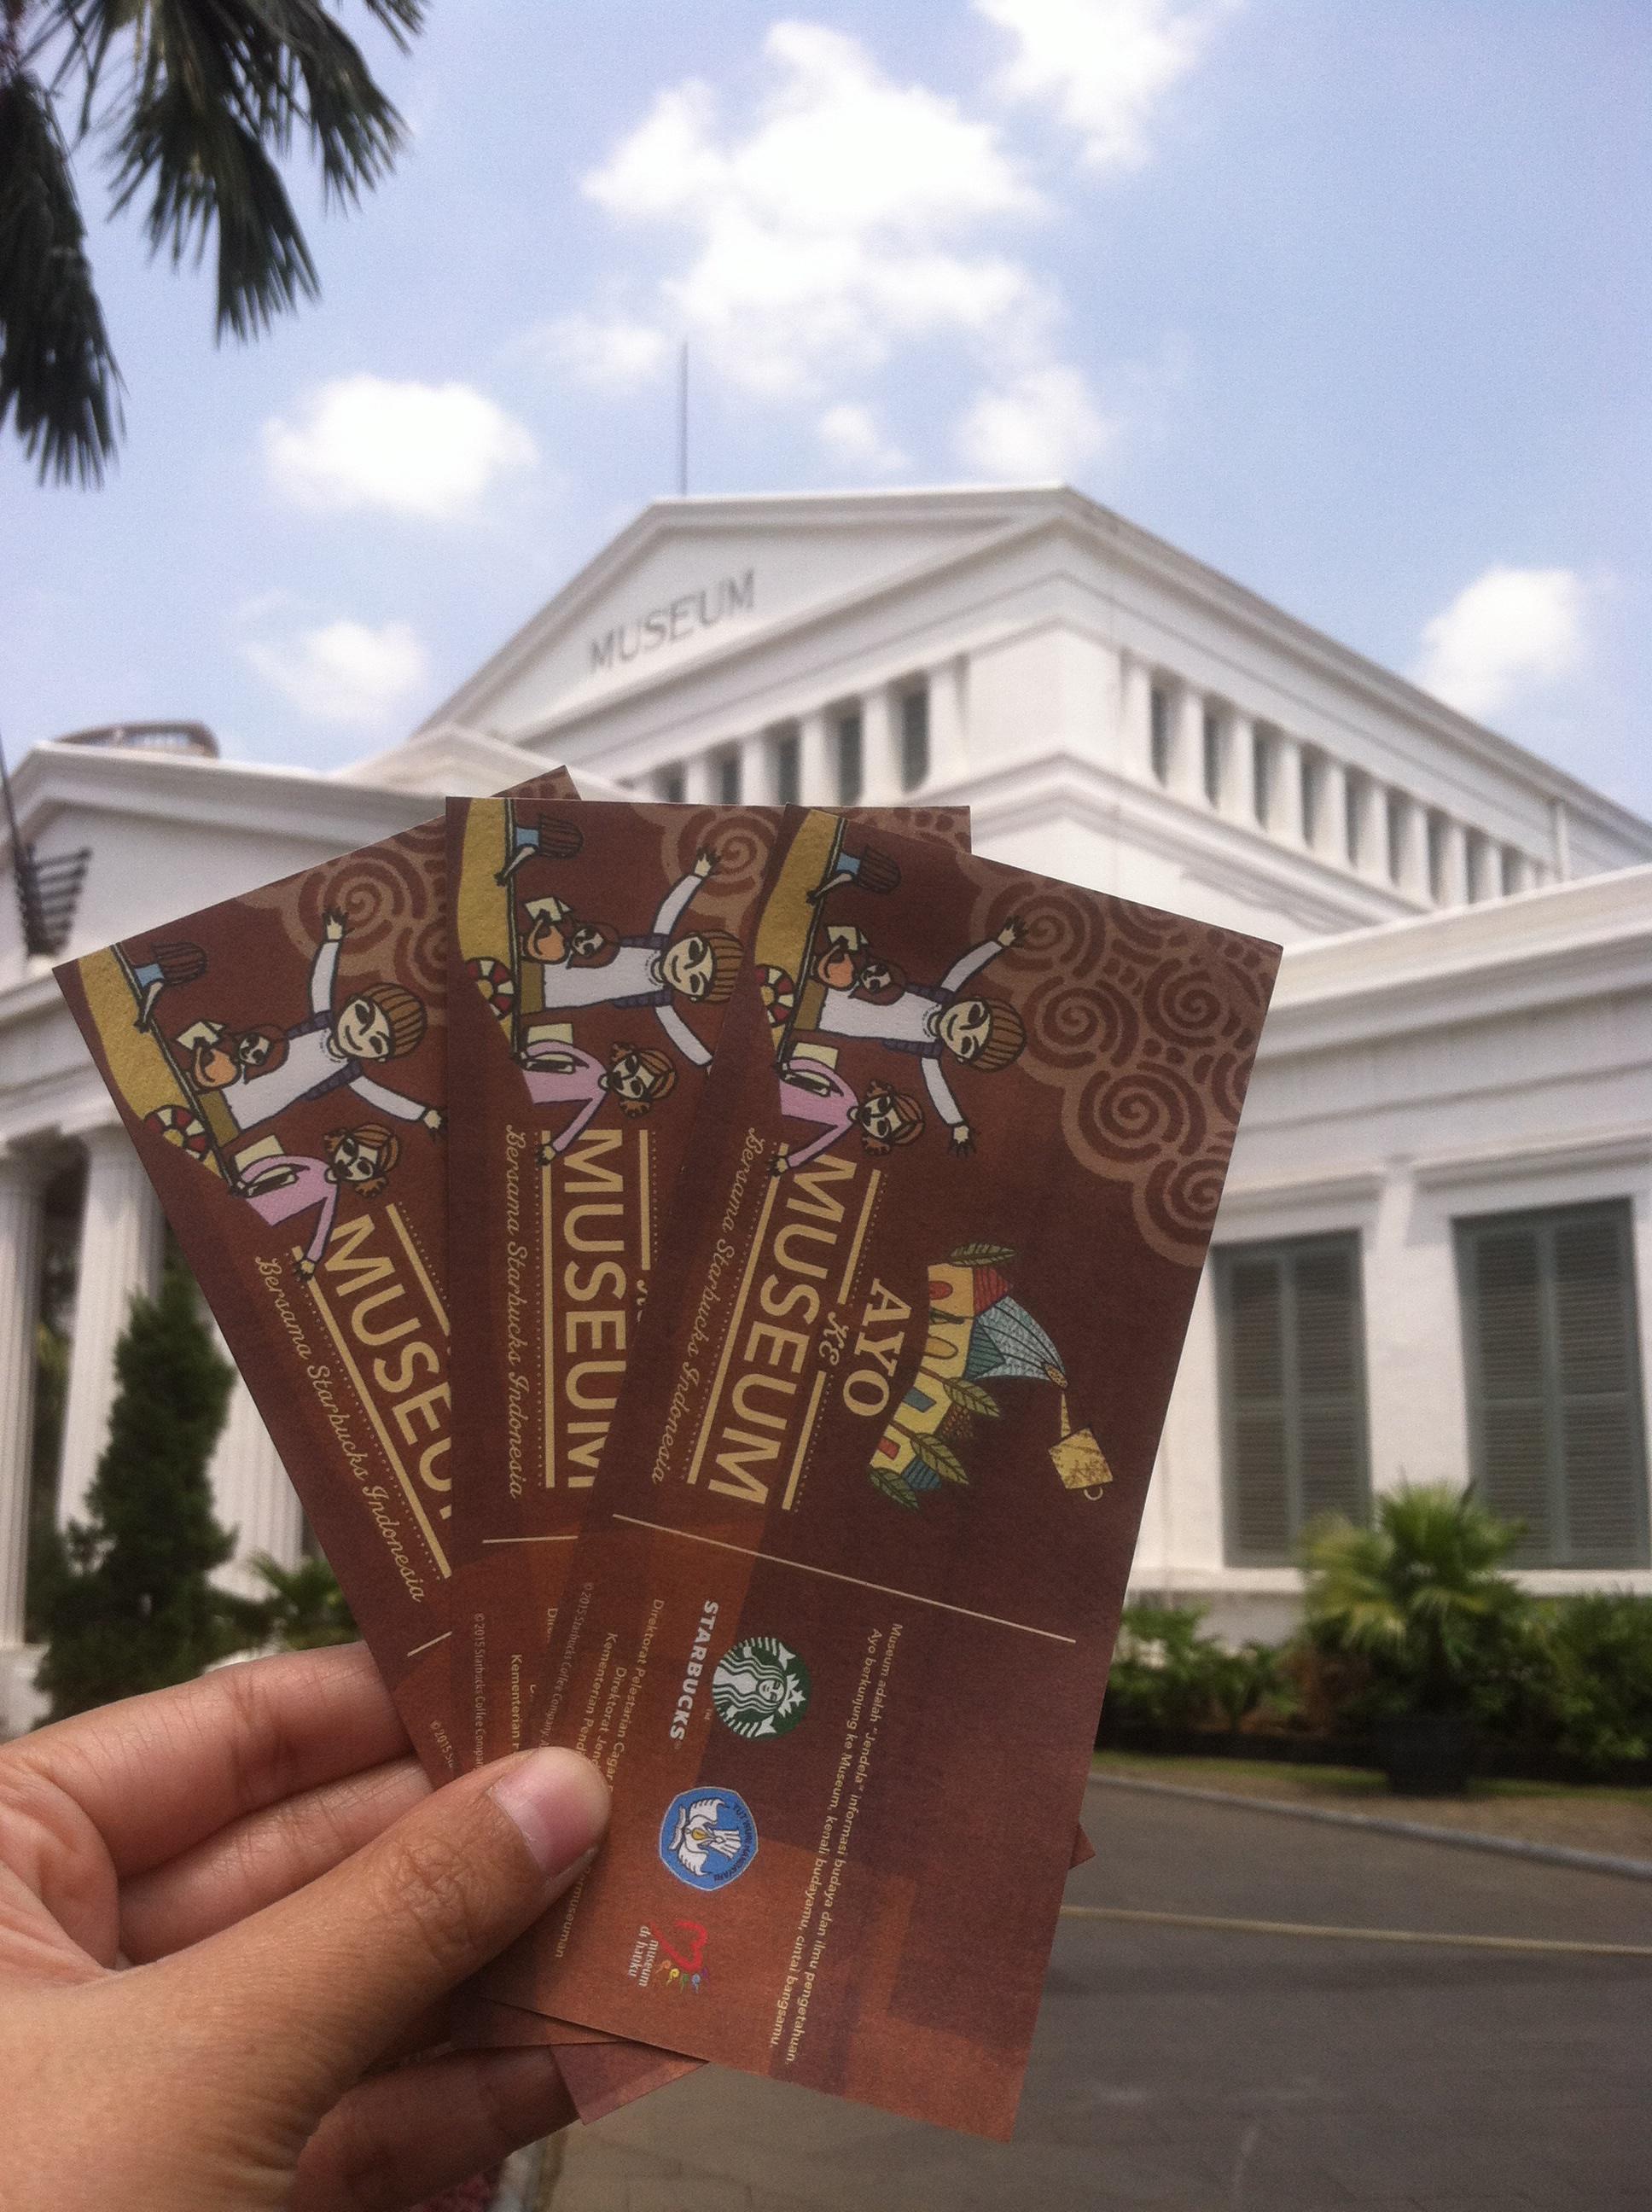 Museum Nasional Ocehan Yulia Gajah Indonesia Kota Administrasi Jakarta Barat